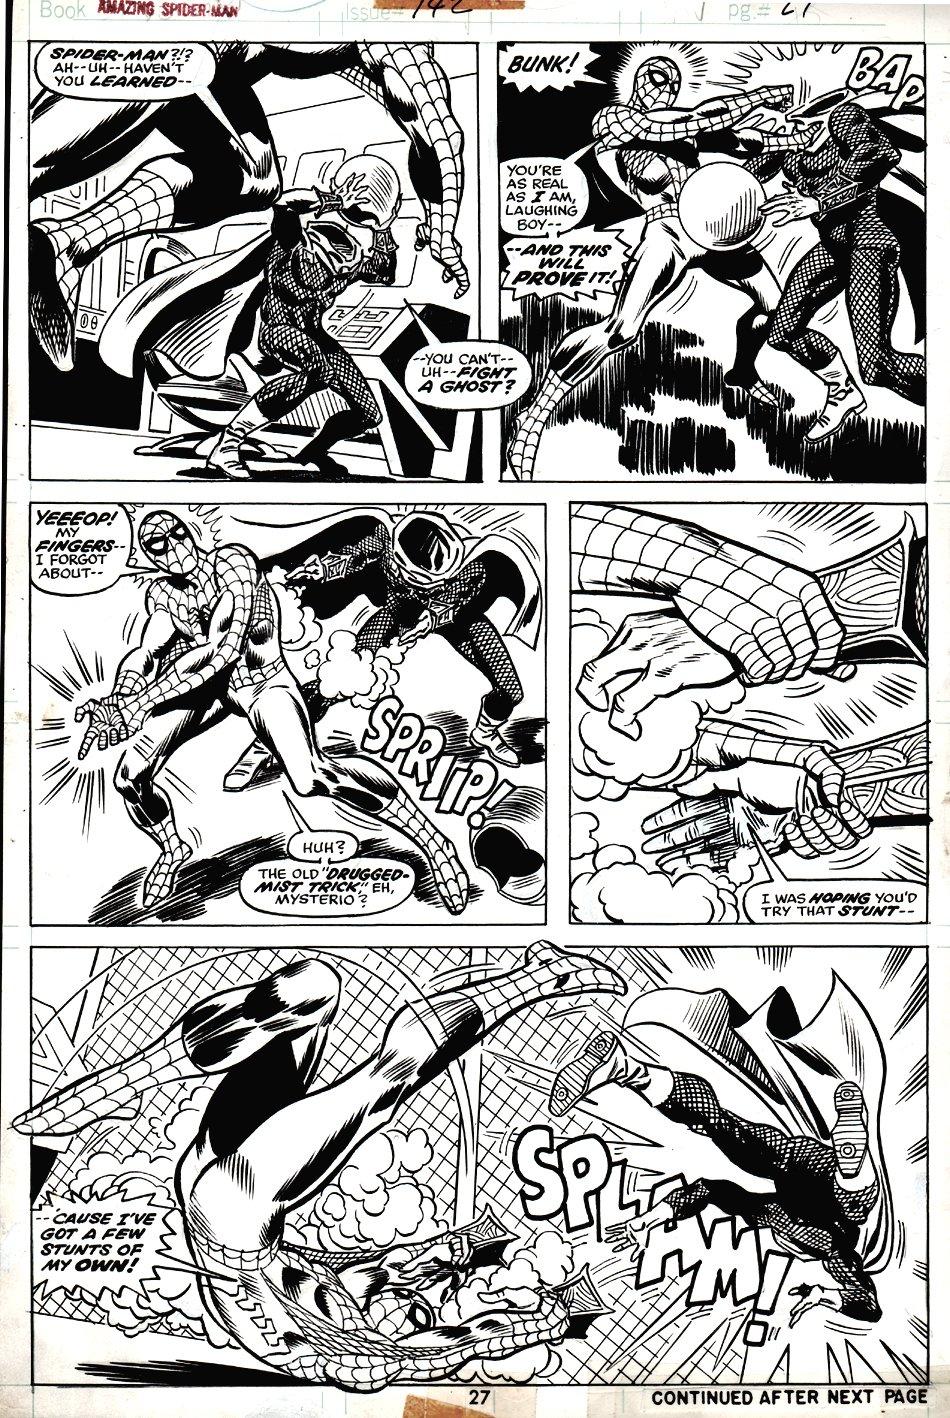 Amazing Spider-Man #142 p 27 (1974)